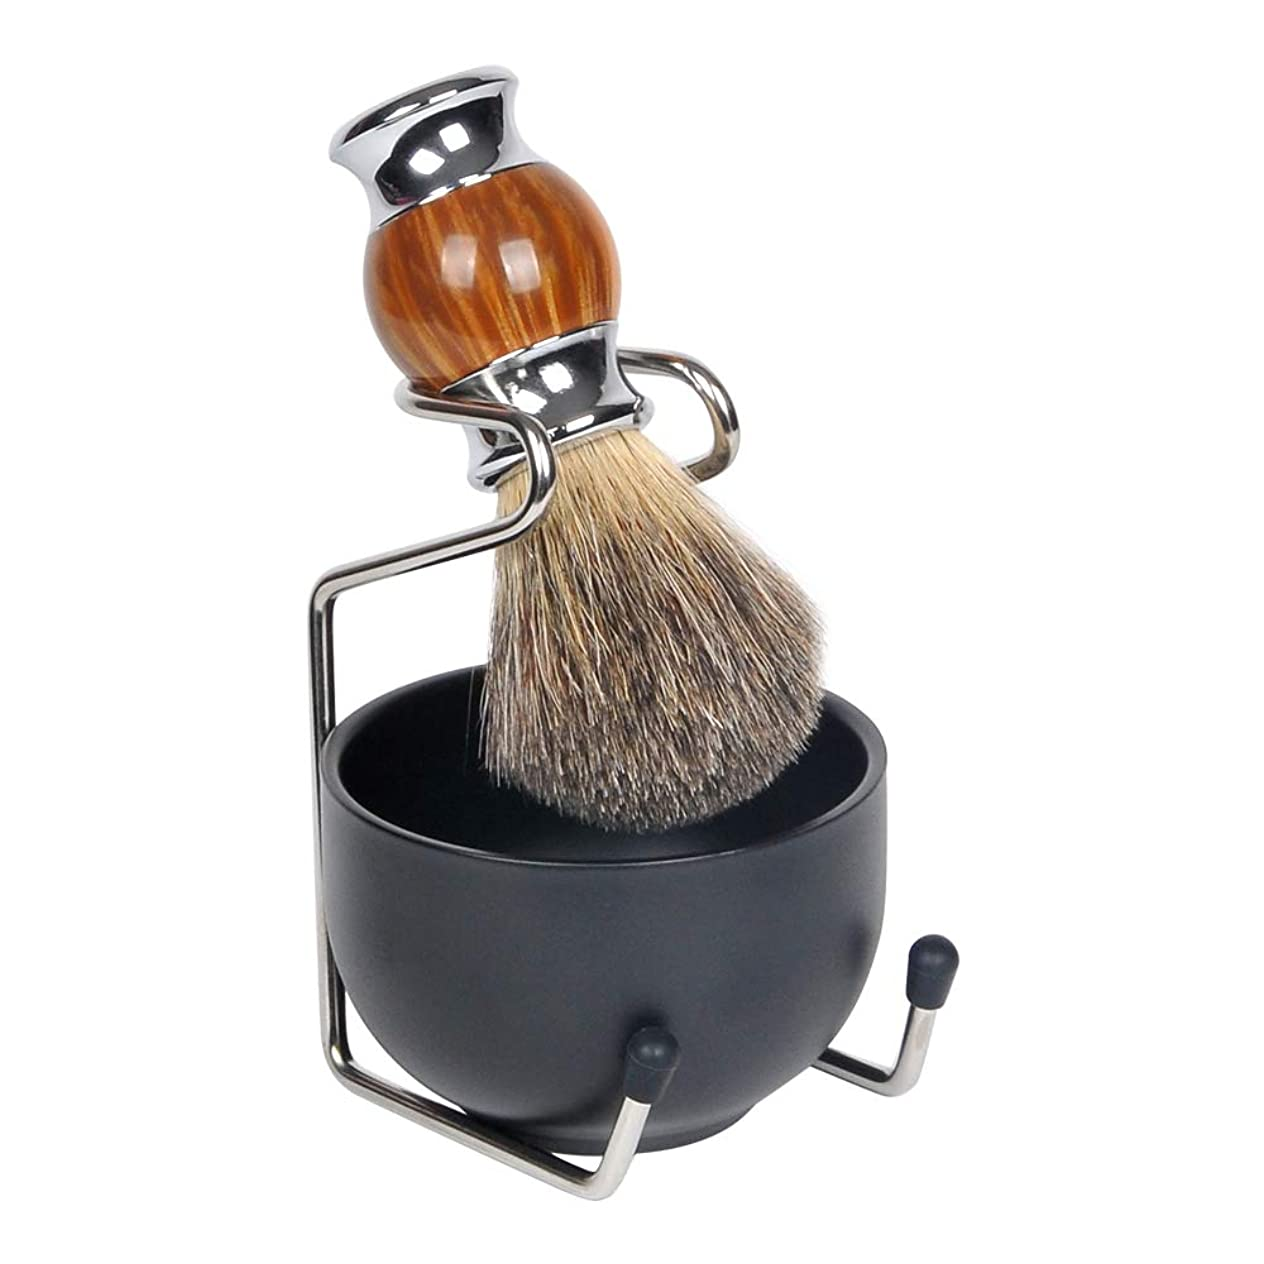 汗コロニアル枢機卿1by1 ひげブラシ シェービングブラシセット シェービング石鹸ボウル 理容 髭剃り 泡立ち 洗顔ブラシ メンズ 100% アナグマ毛(3点セット 金属ブラウン)